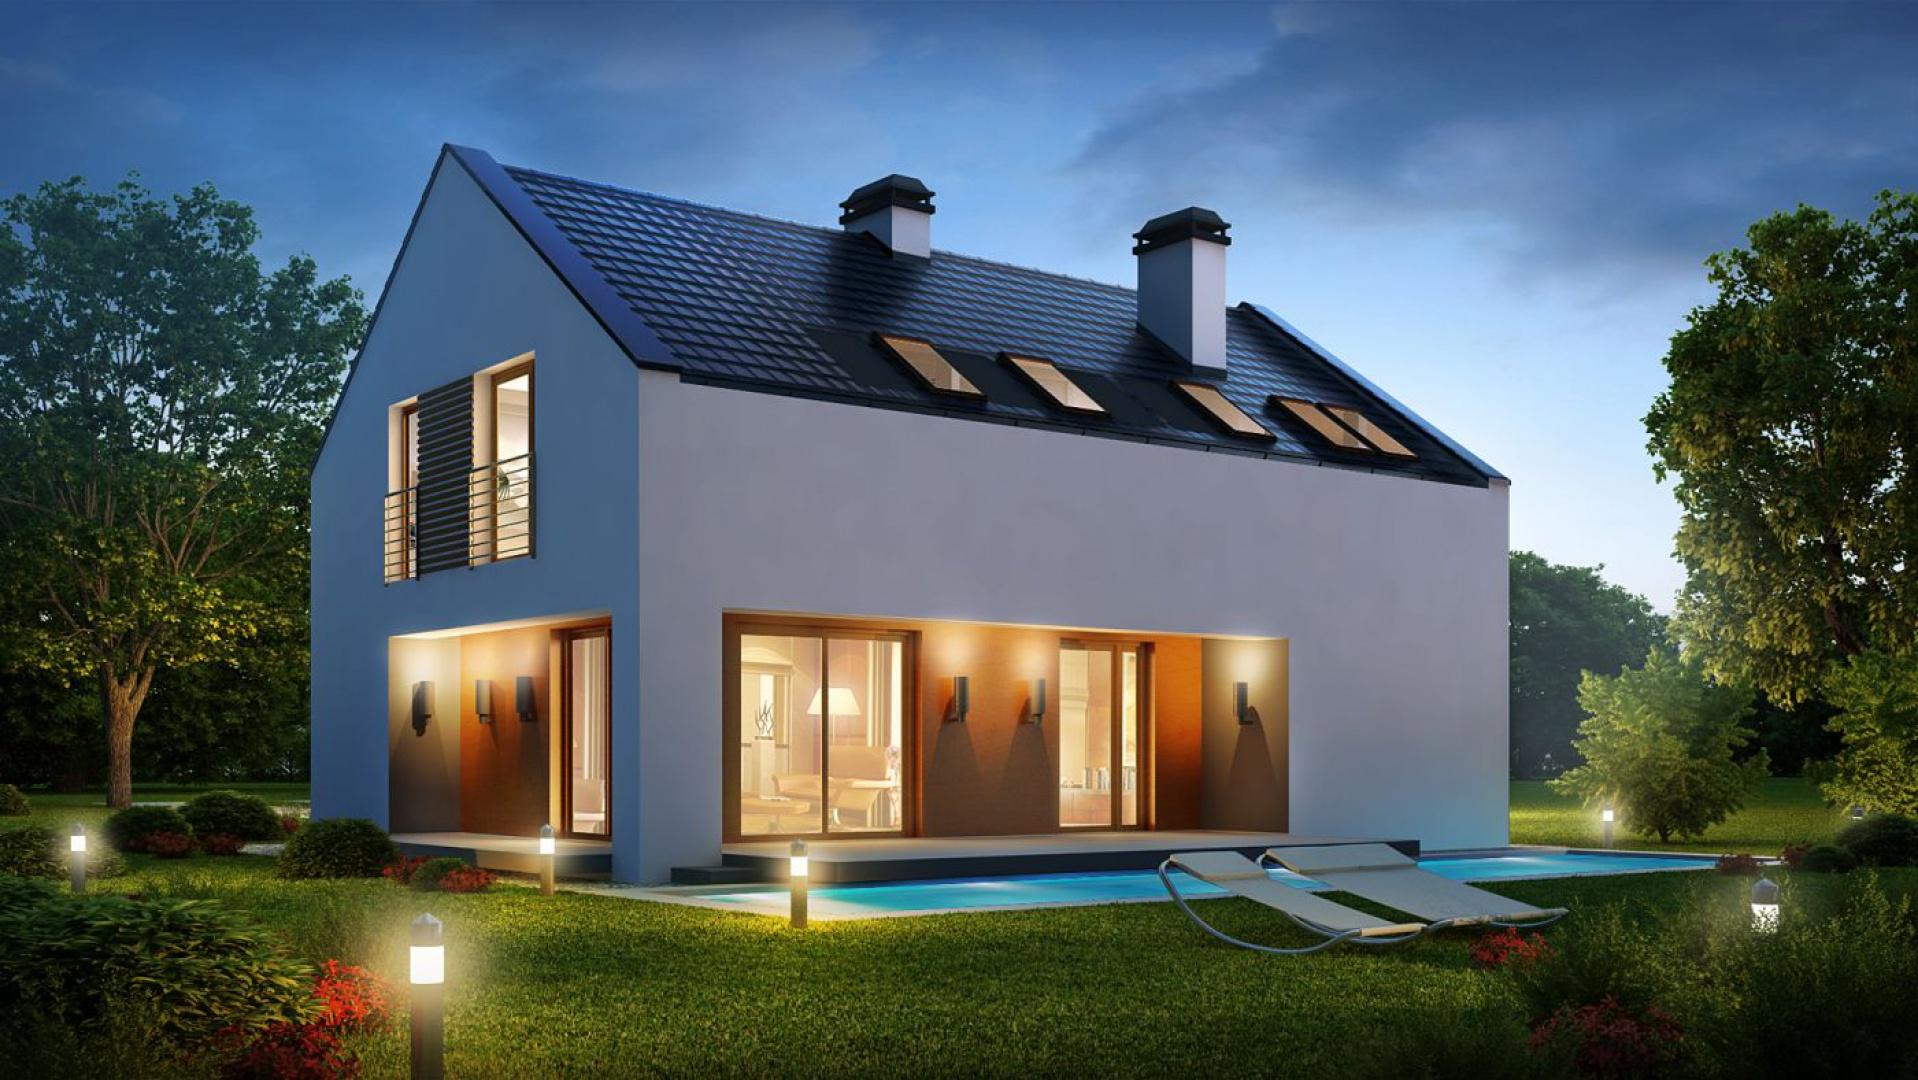 Domy bez okapu mają z reguły prostą bryłę, ale dzięki możliwości zastosowani dużych przeszkleń oraz wewnętrznych tarasów efekt końcowy może być naprawdę ciekawy. Projekt Z222. Fot. Z500